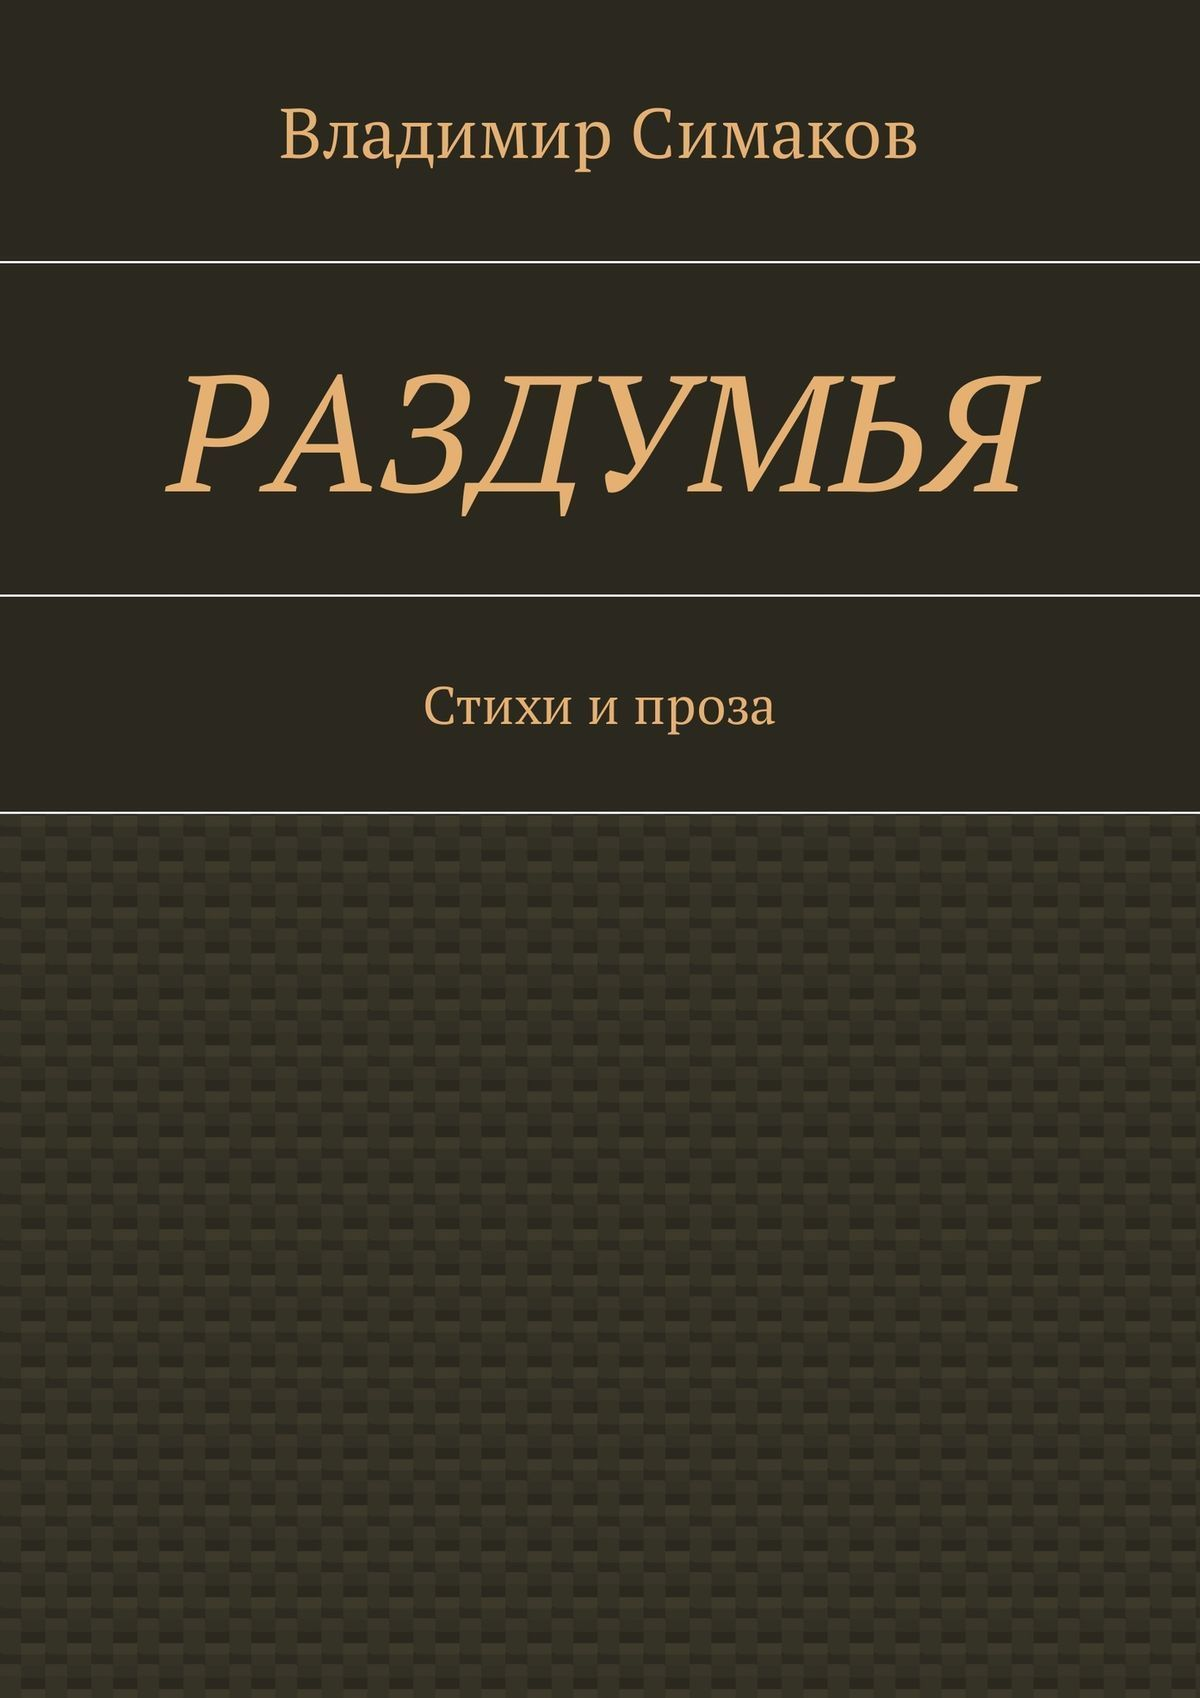 Владимир Симаков бесплатно